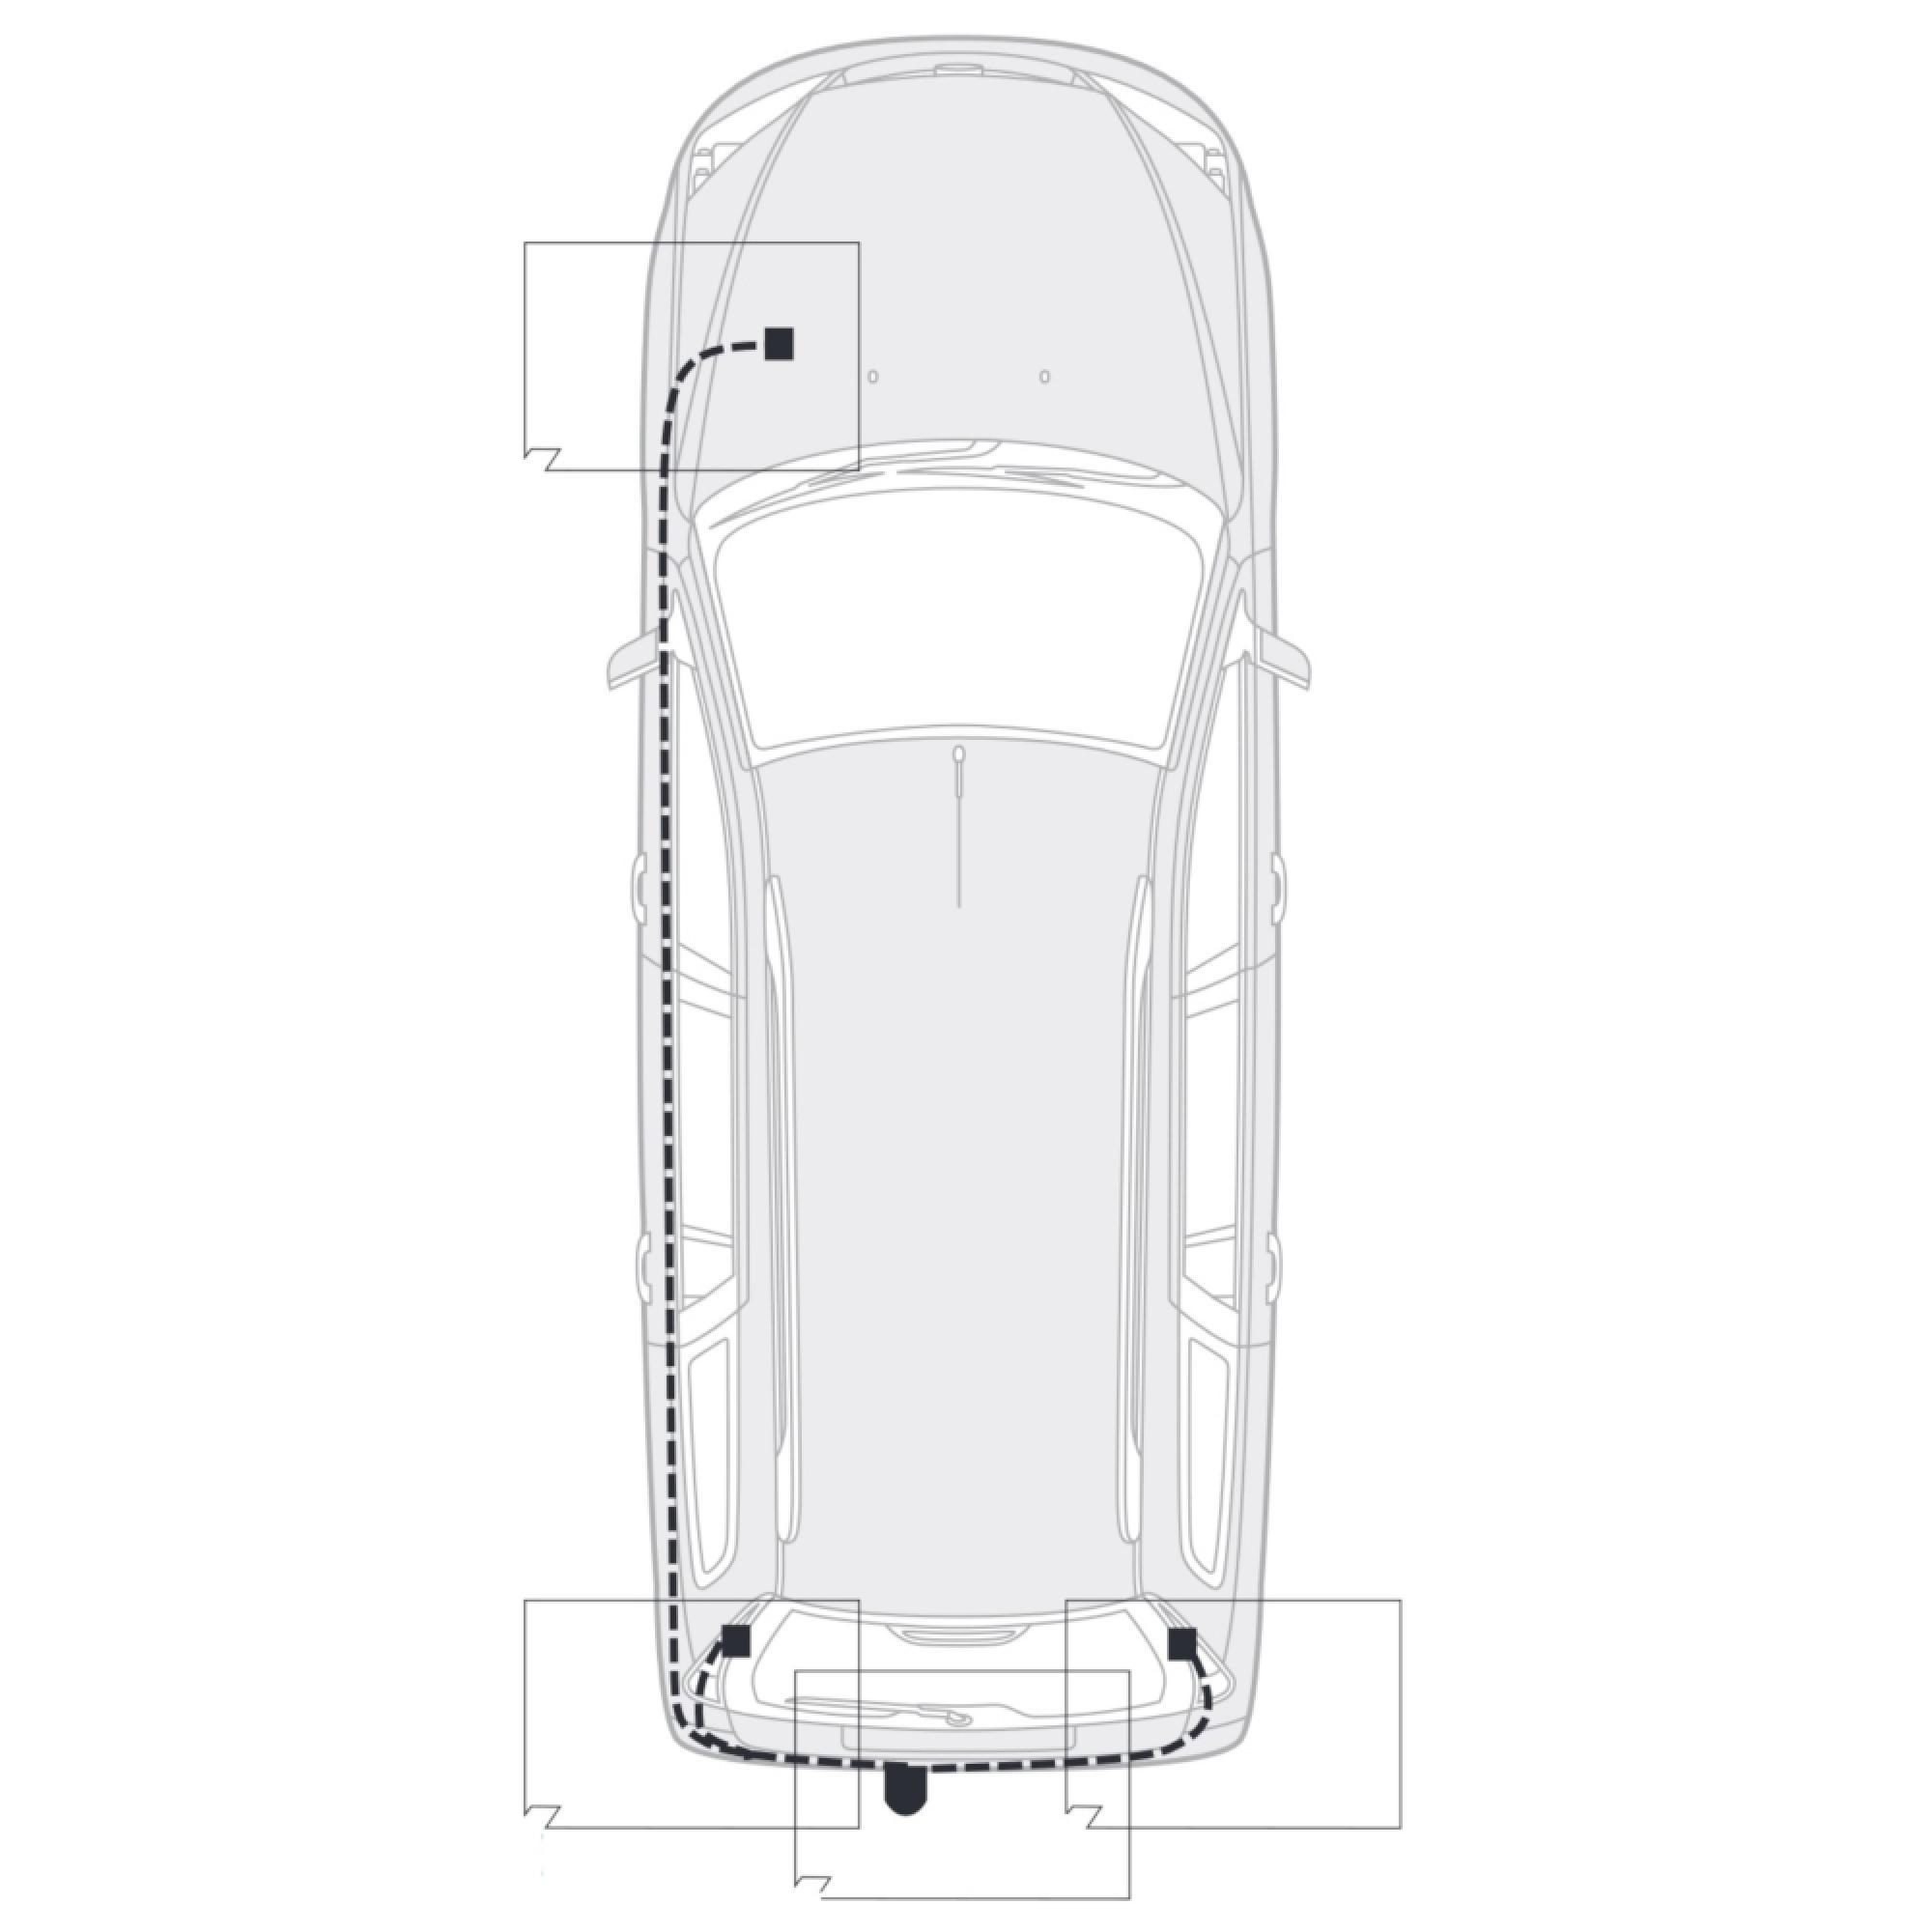 AutoHak Anhängerkupplung starr für Nissan Tiida 08-11 mit 7pol Elektrosatz NEU 3